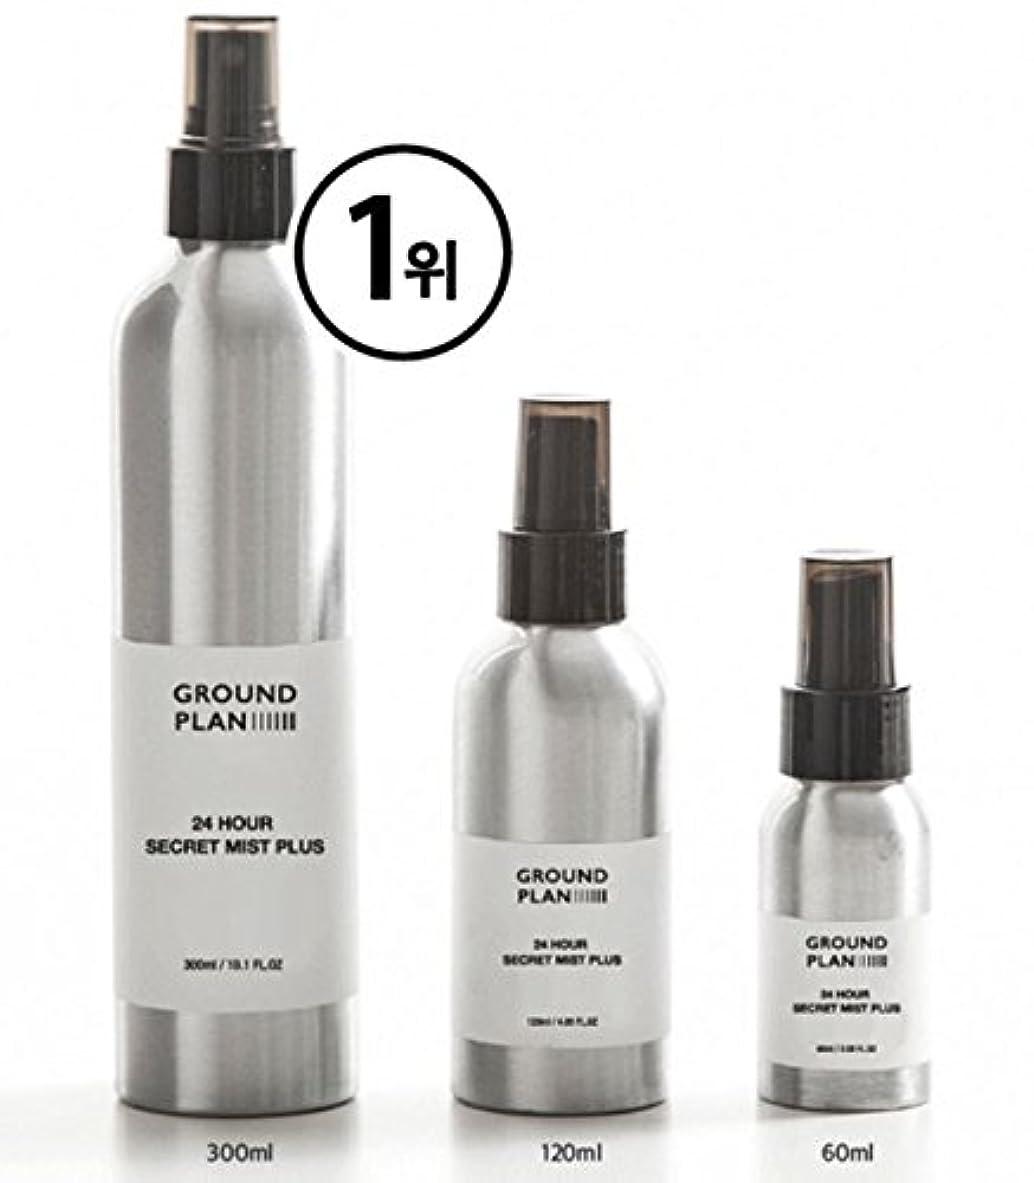 インレイ笑いフロンティア[グラウンド?プラン] 24Hour 秘密 スキンミスト Plus (120ml) (300ml) Ground plan 24 Hour Secret Skin Mist Plus [海外直送品] (120ml)